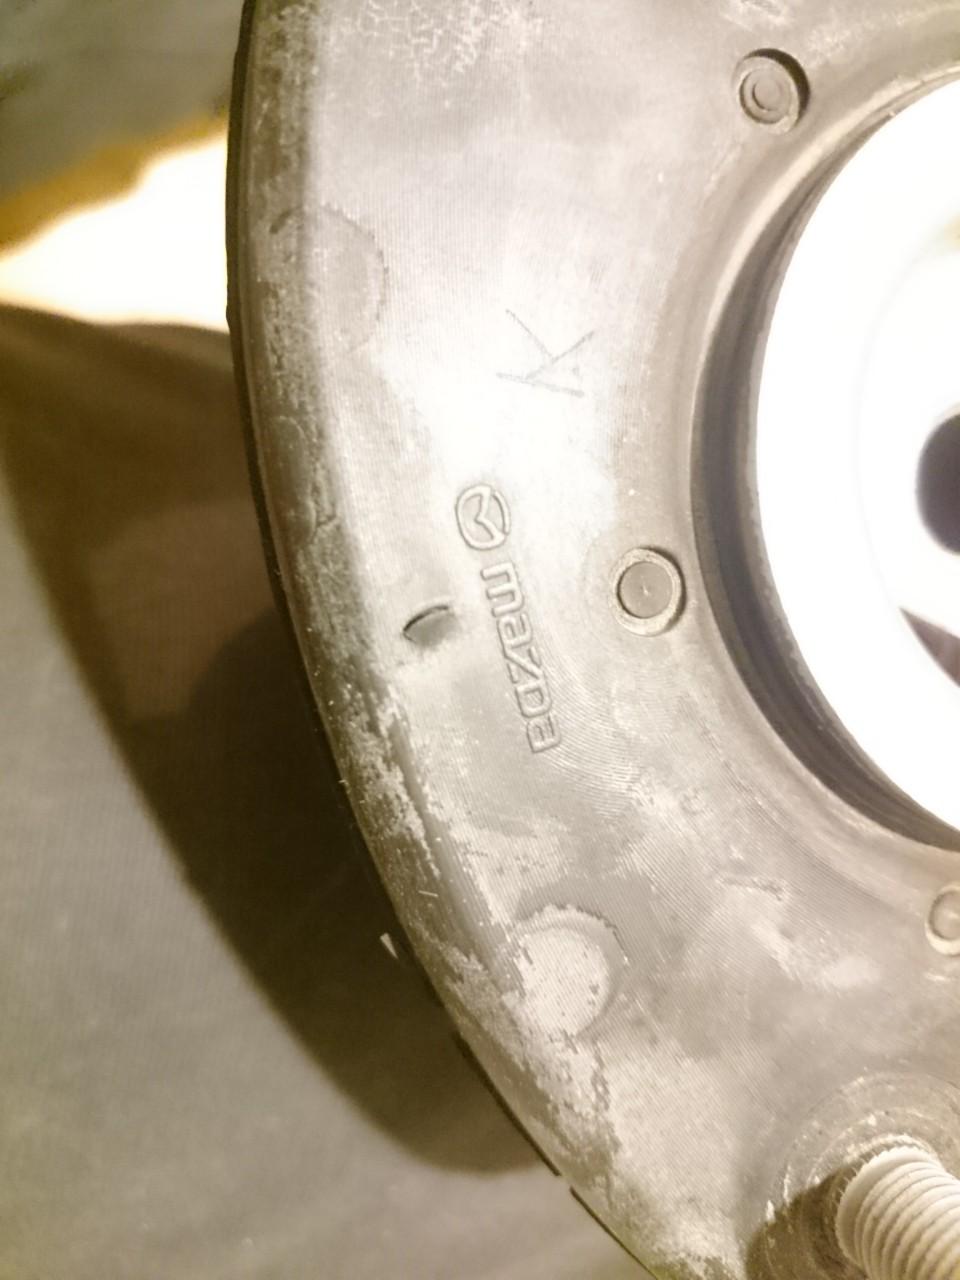 Rulment sarcina Flansa amortizor Mazda CX-5 (2012-2017) Mazda 3 (2013-2018) Mazda 6 (2013-2017)